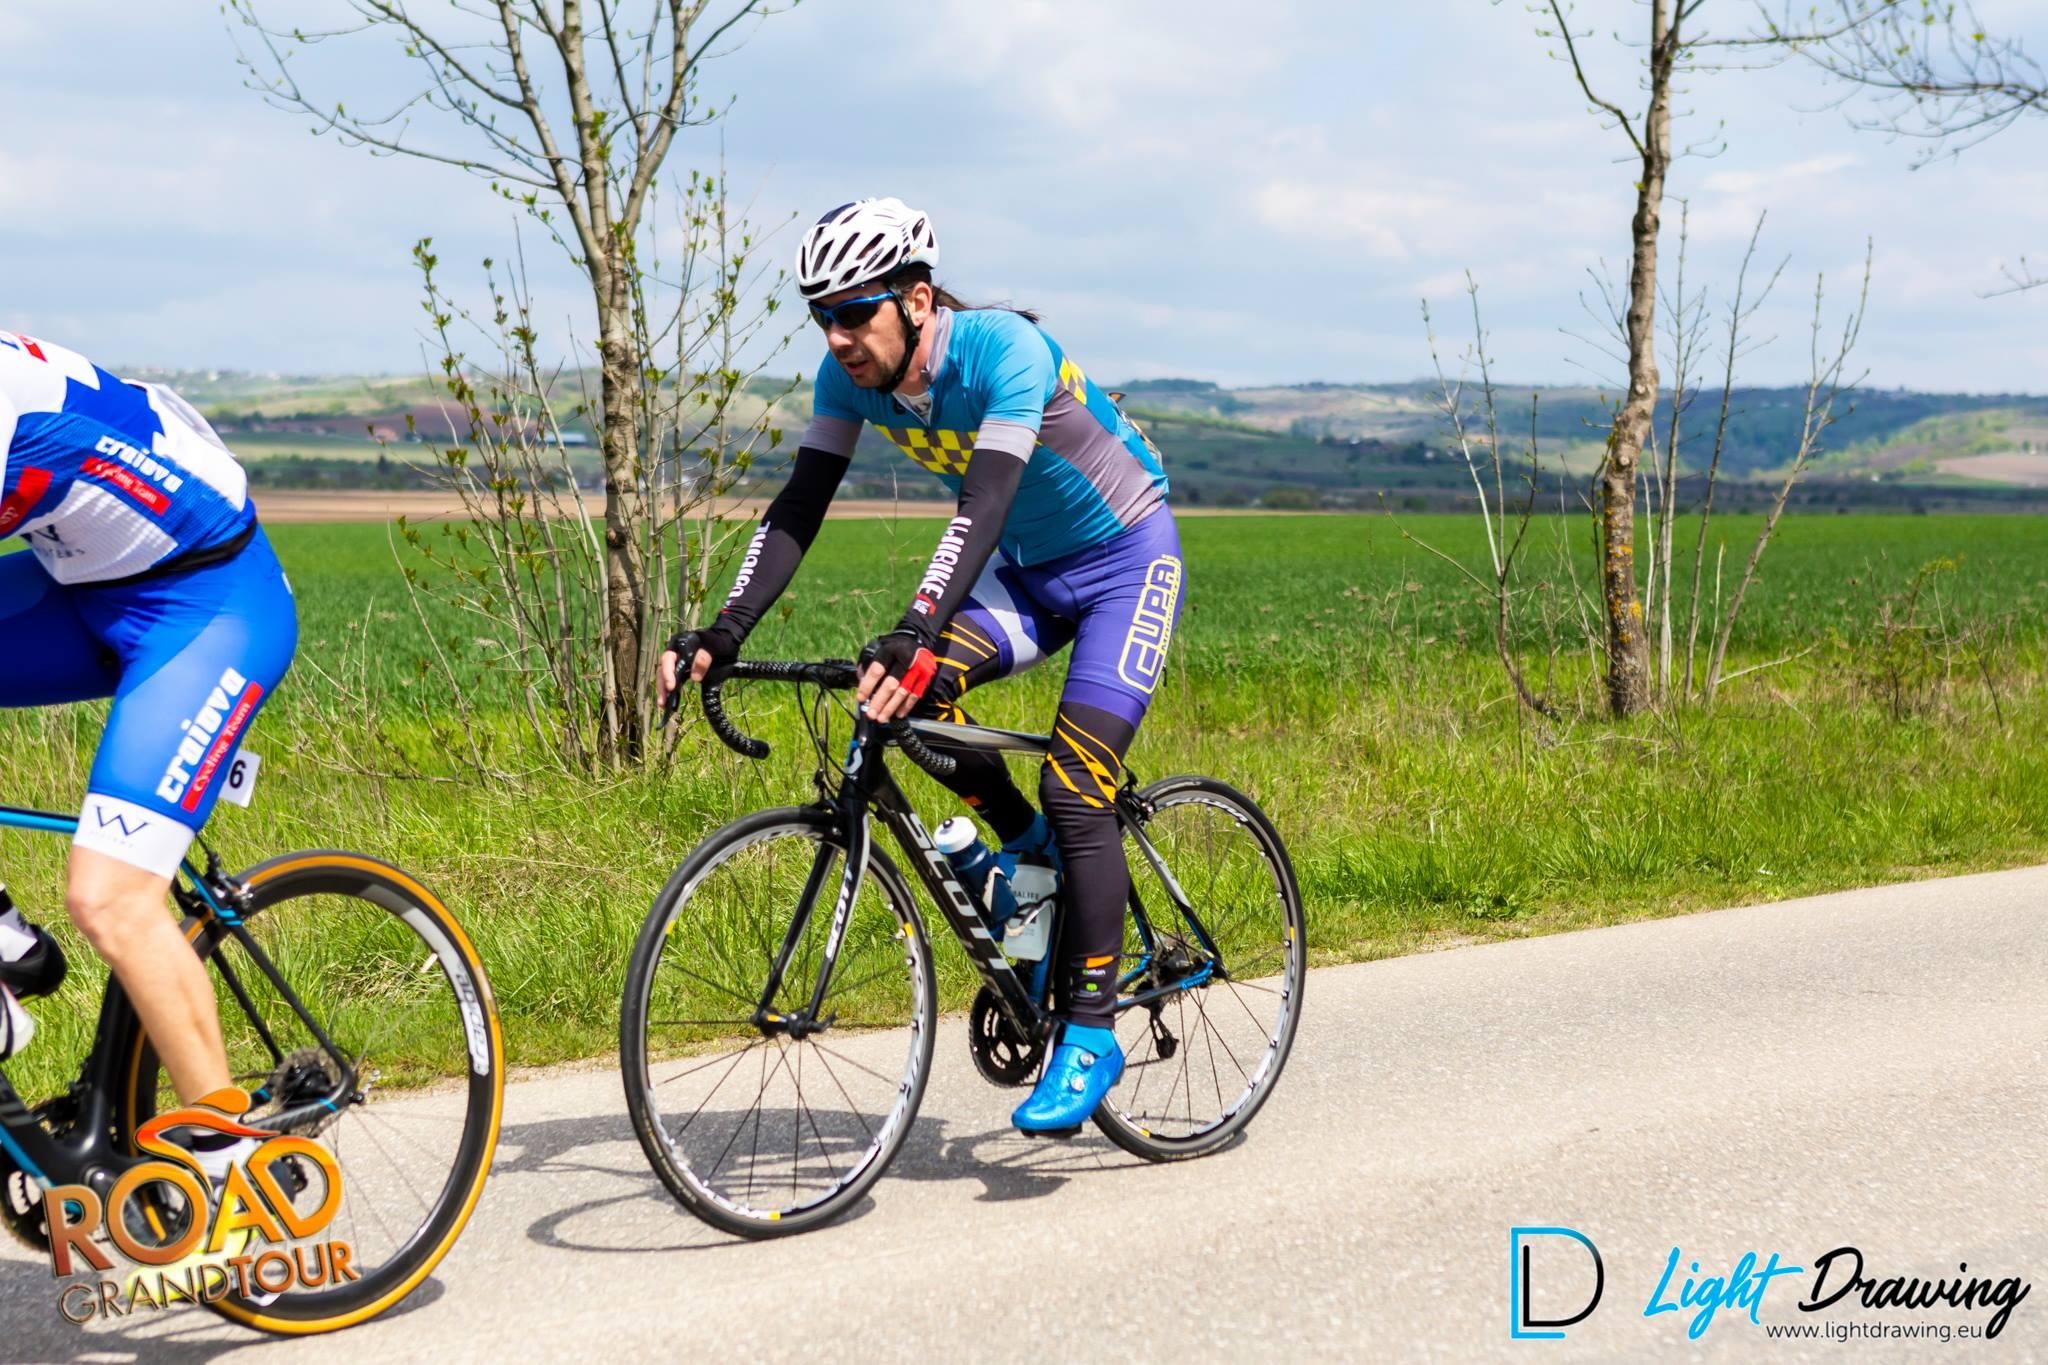 Road Grand Tour - Drumul Vinului 2019 - Bogdan Popescu